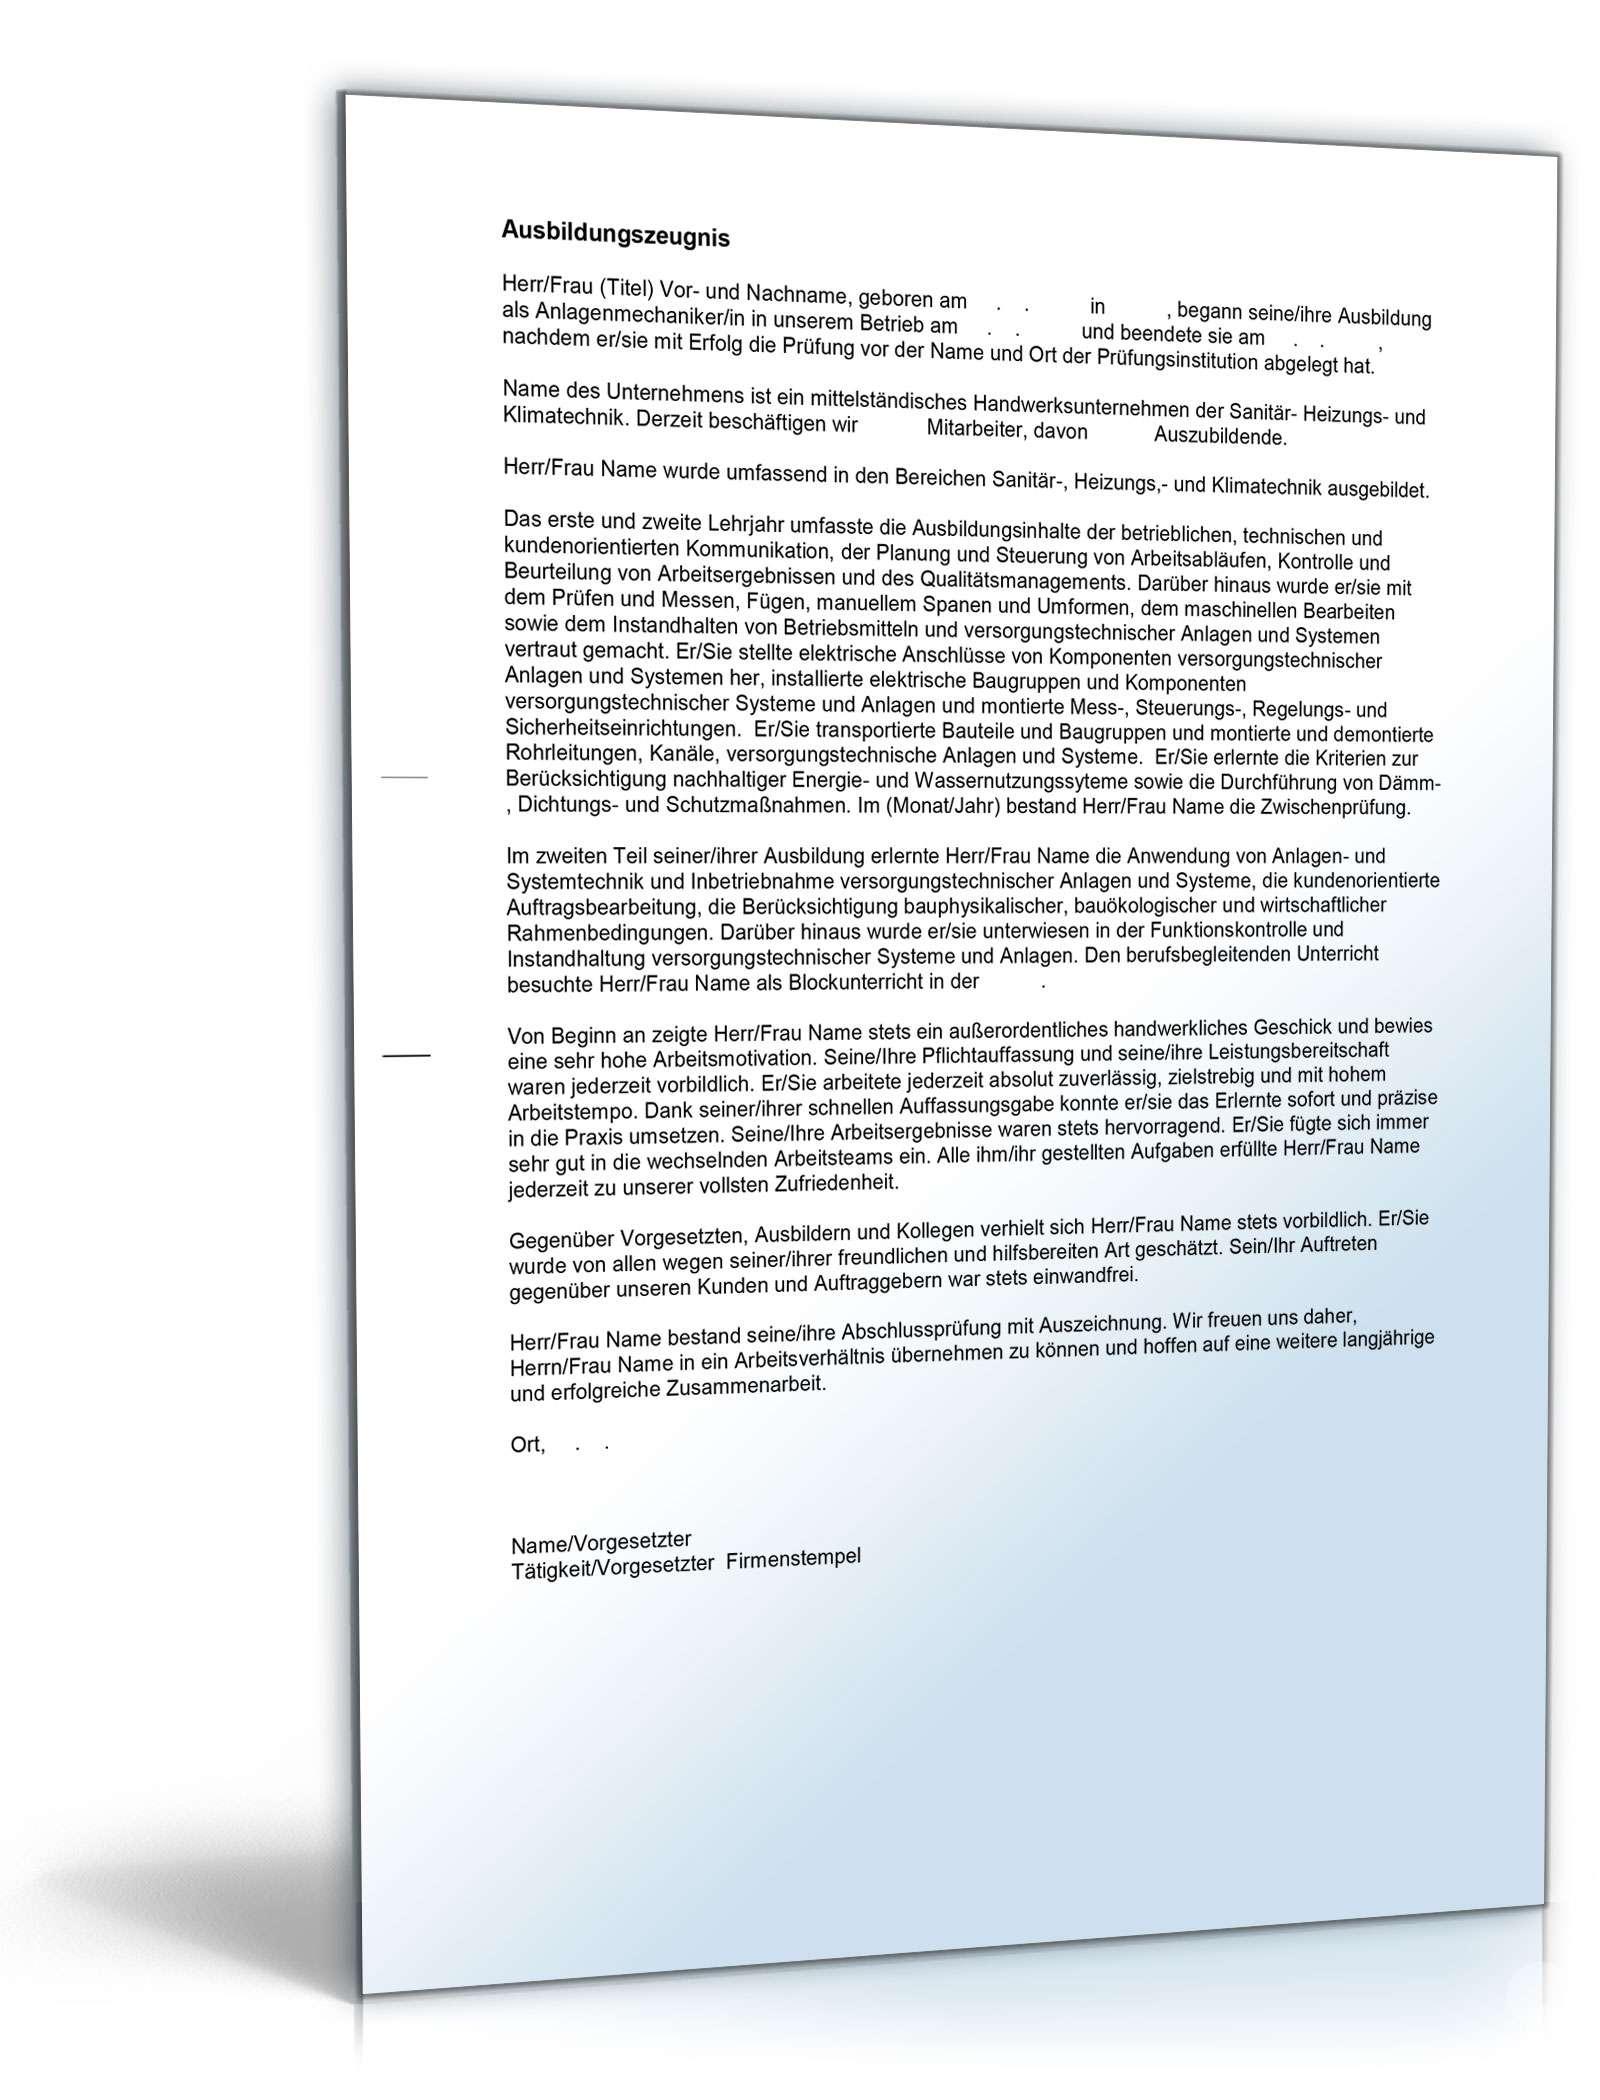 Ausbildungszeugnis Anlagenmechaniker Muster Zum Download